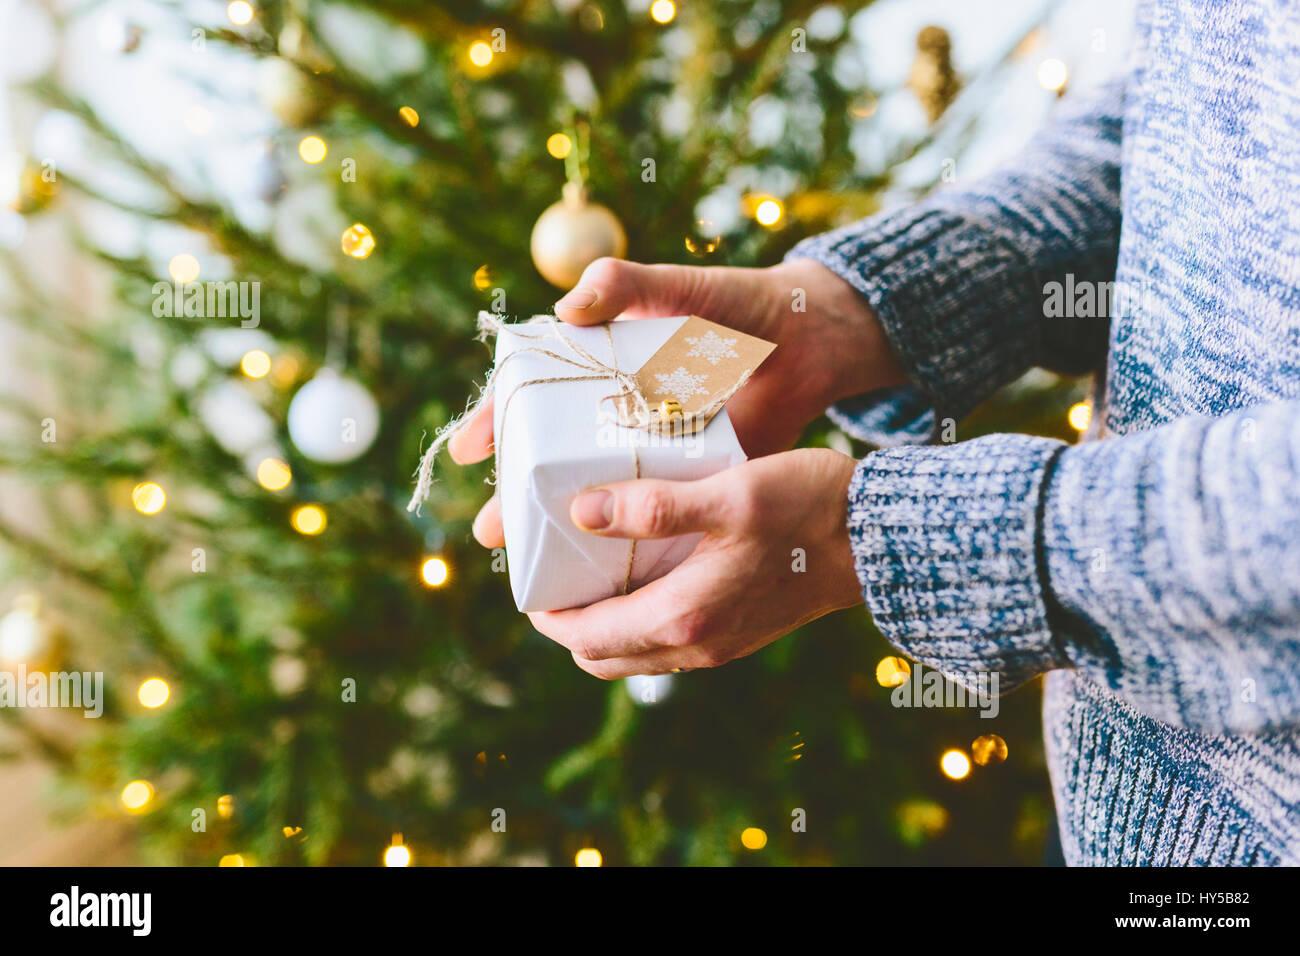 La Finlande, l'homme avec un cadeau à l'arbre de Noël Photo Stock